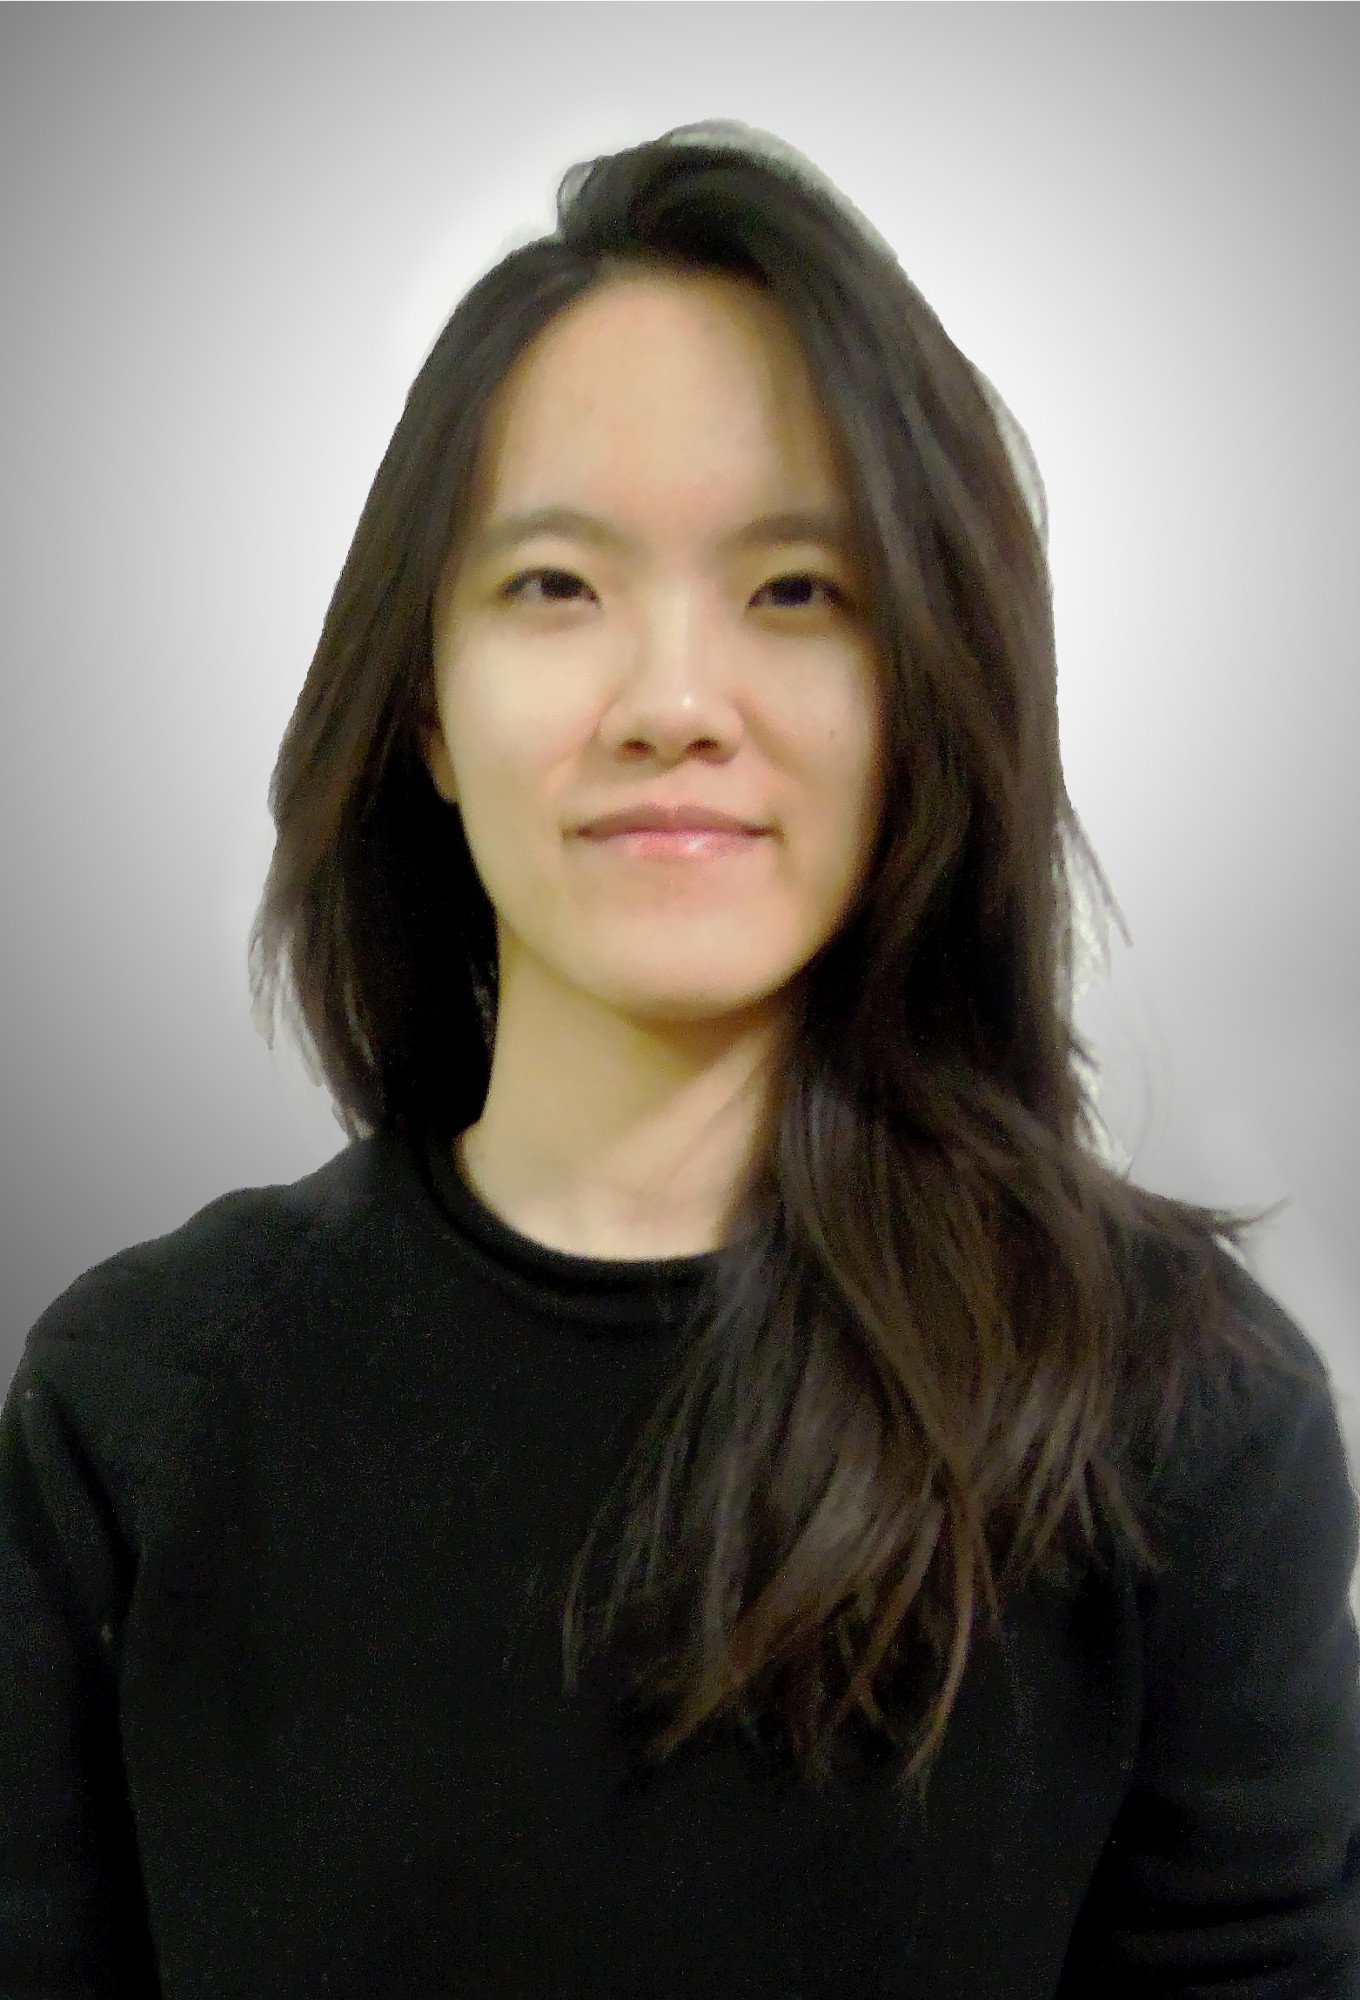 Ching-Yun Lin